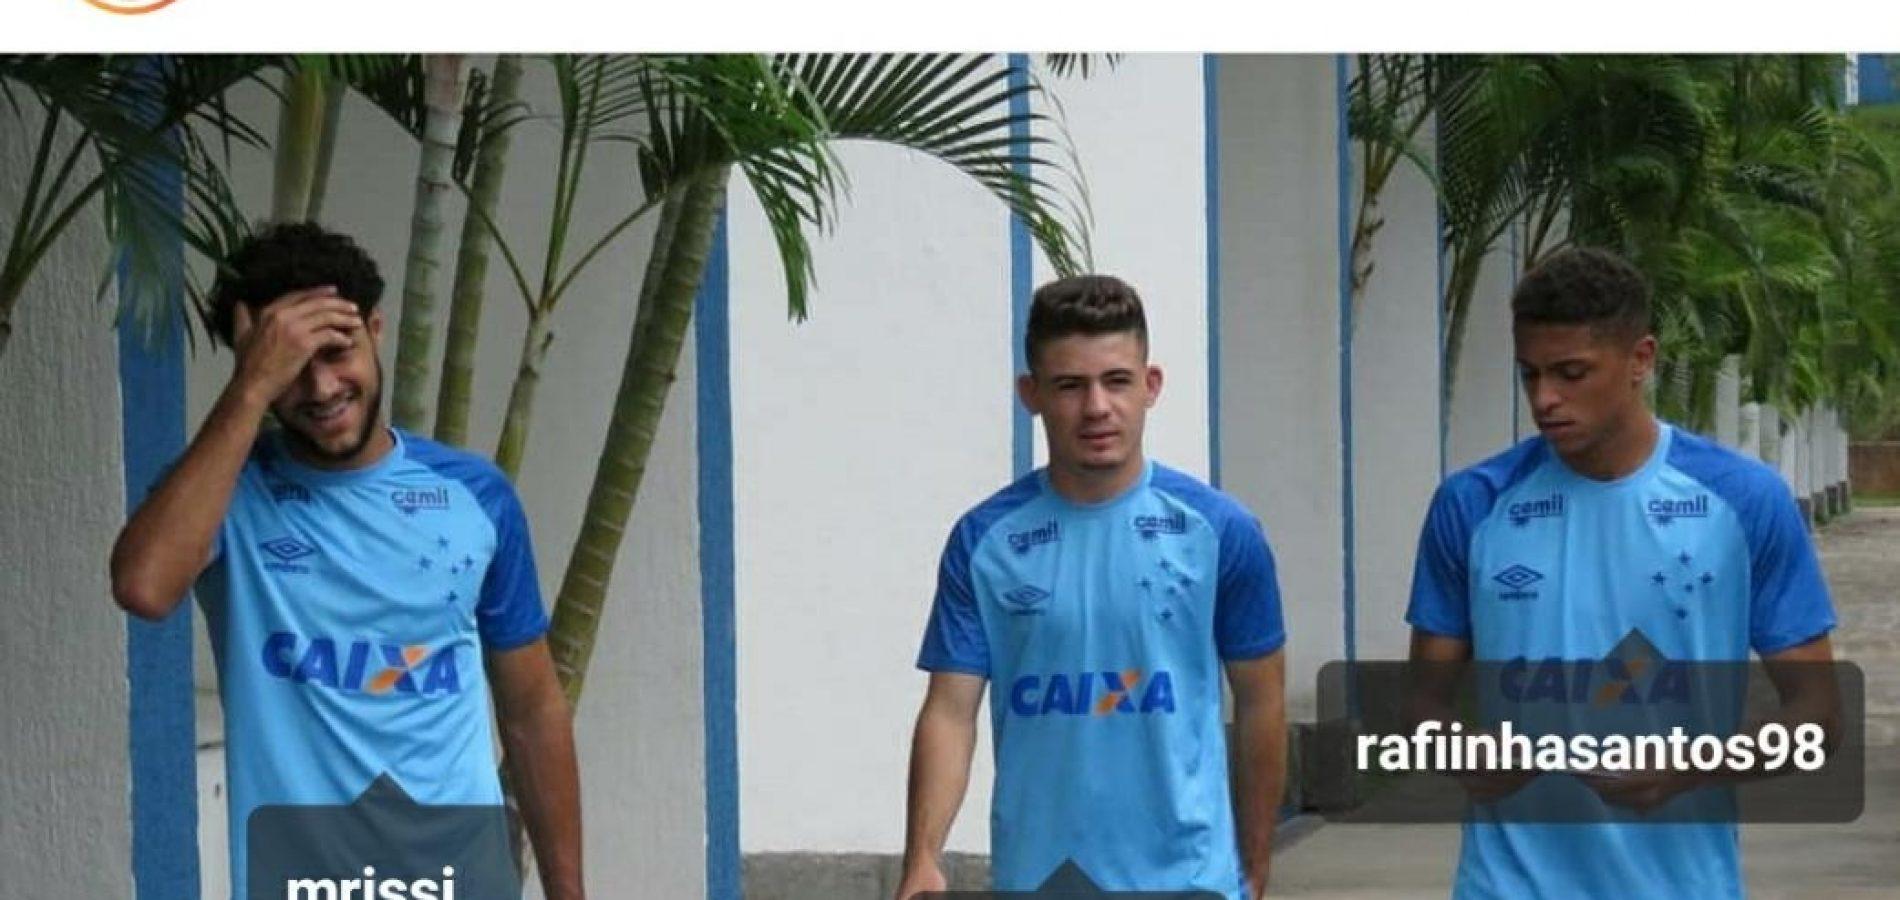 Jovem de Simões é escalado para treinar com time profissional do Cruzeiro